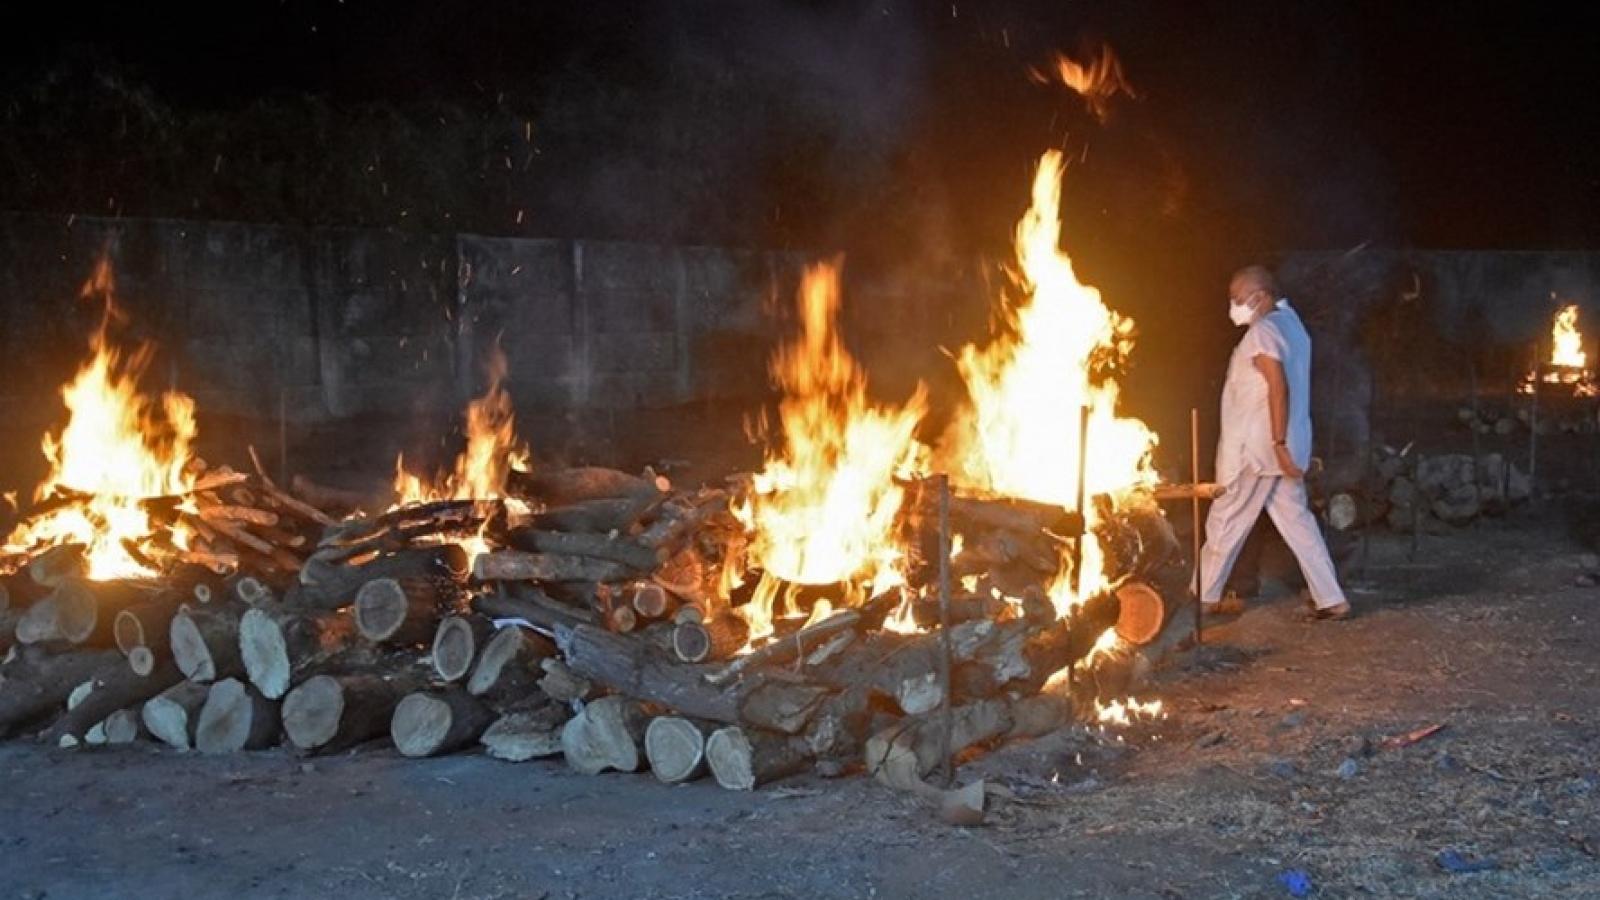 Giàn thiêu rực lửa suốt đêm ngày, Ấn Độ đang trải qua chuỗi ngày kinh hoàng vì Covid-19